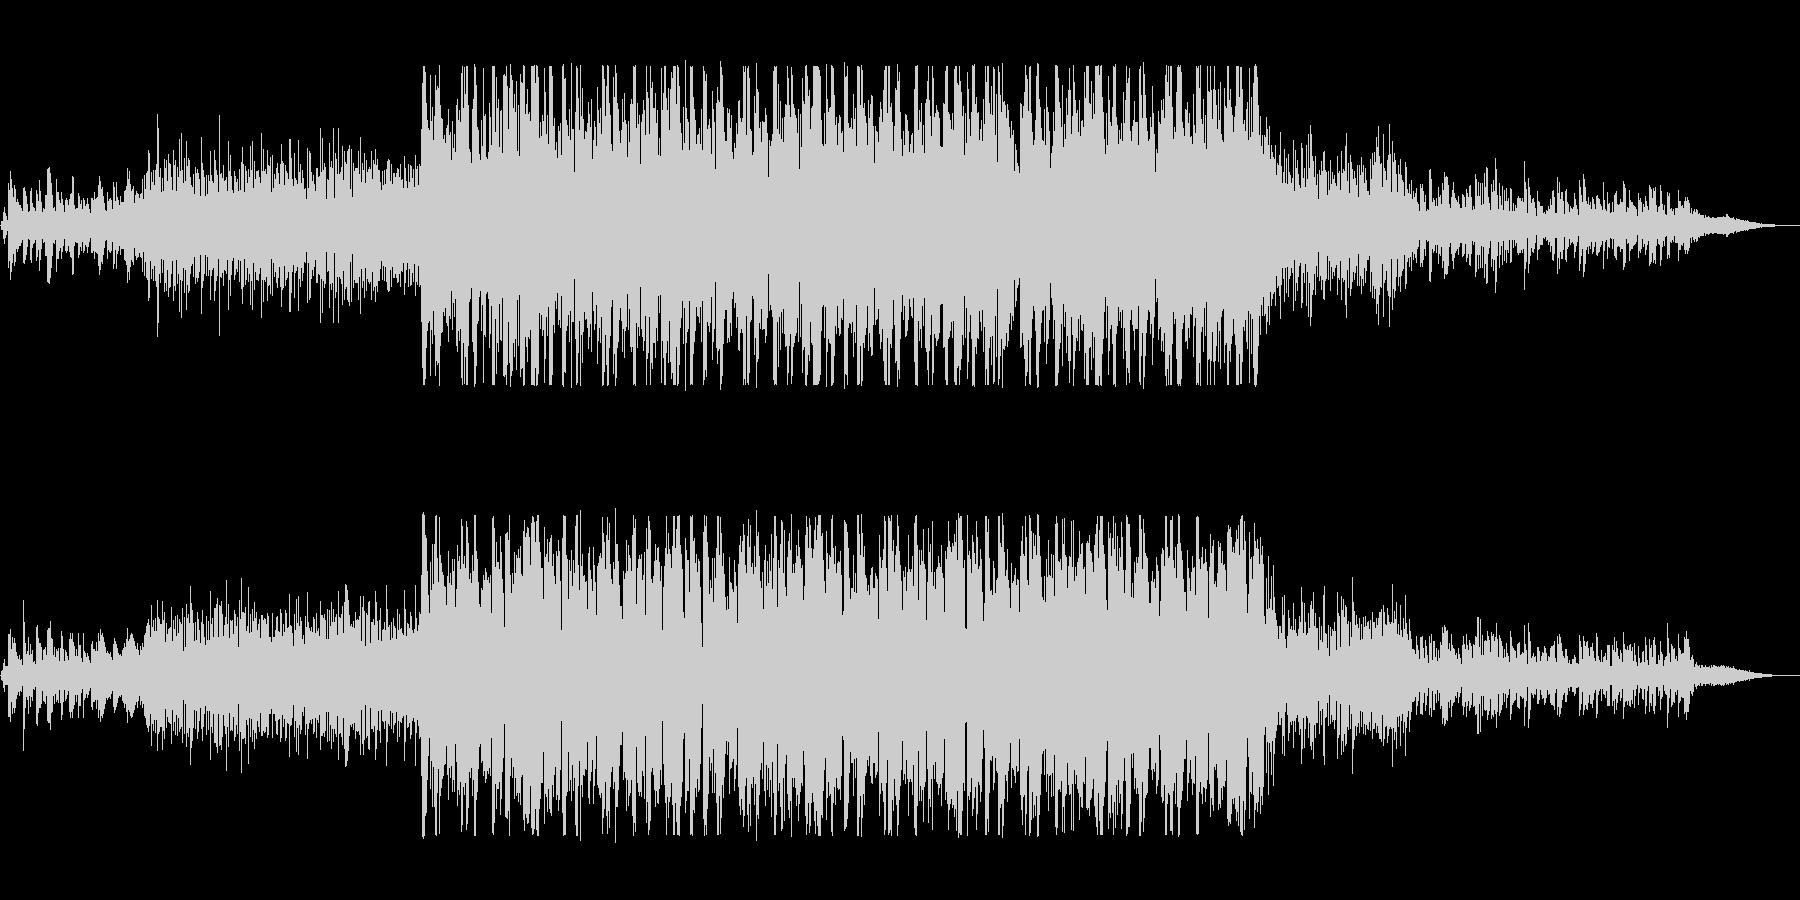 近未来的で不思議なシンセサウンドの未再生の波形